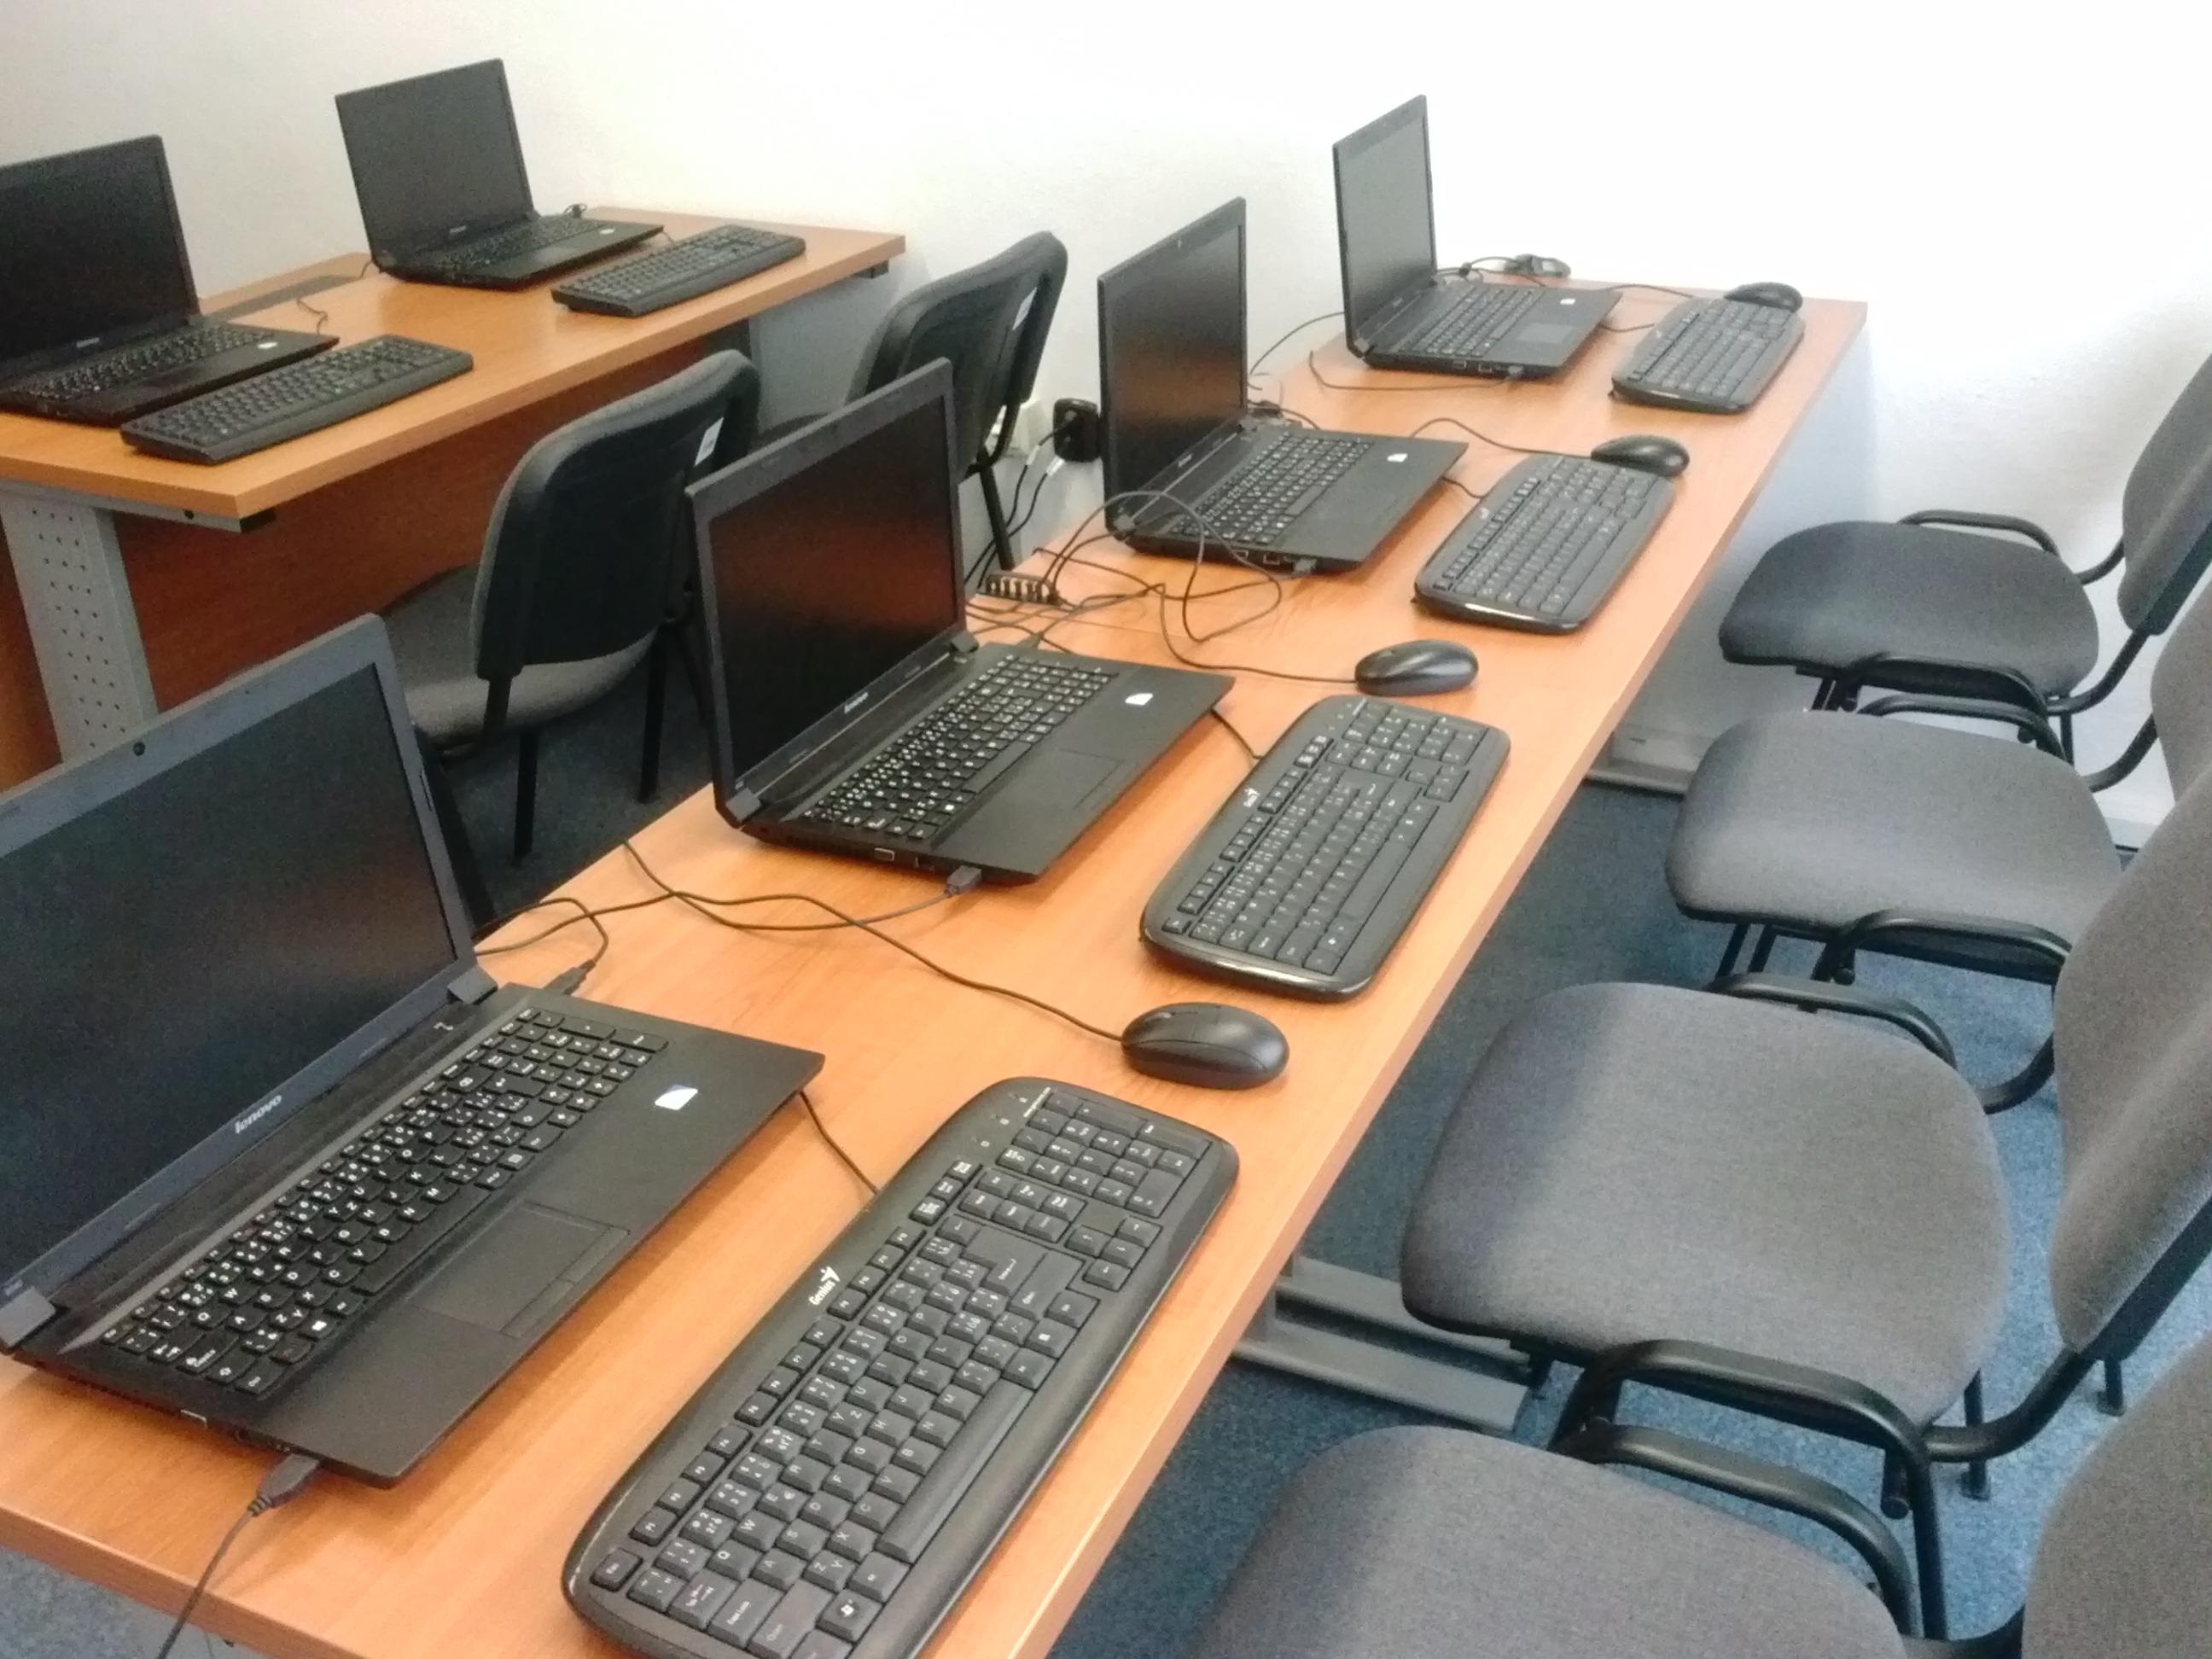 Mobilná počítačová učebňa IVIT